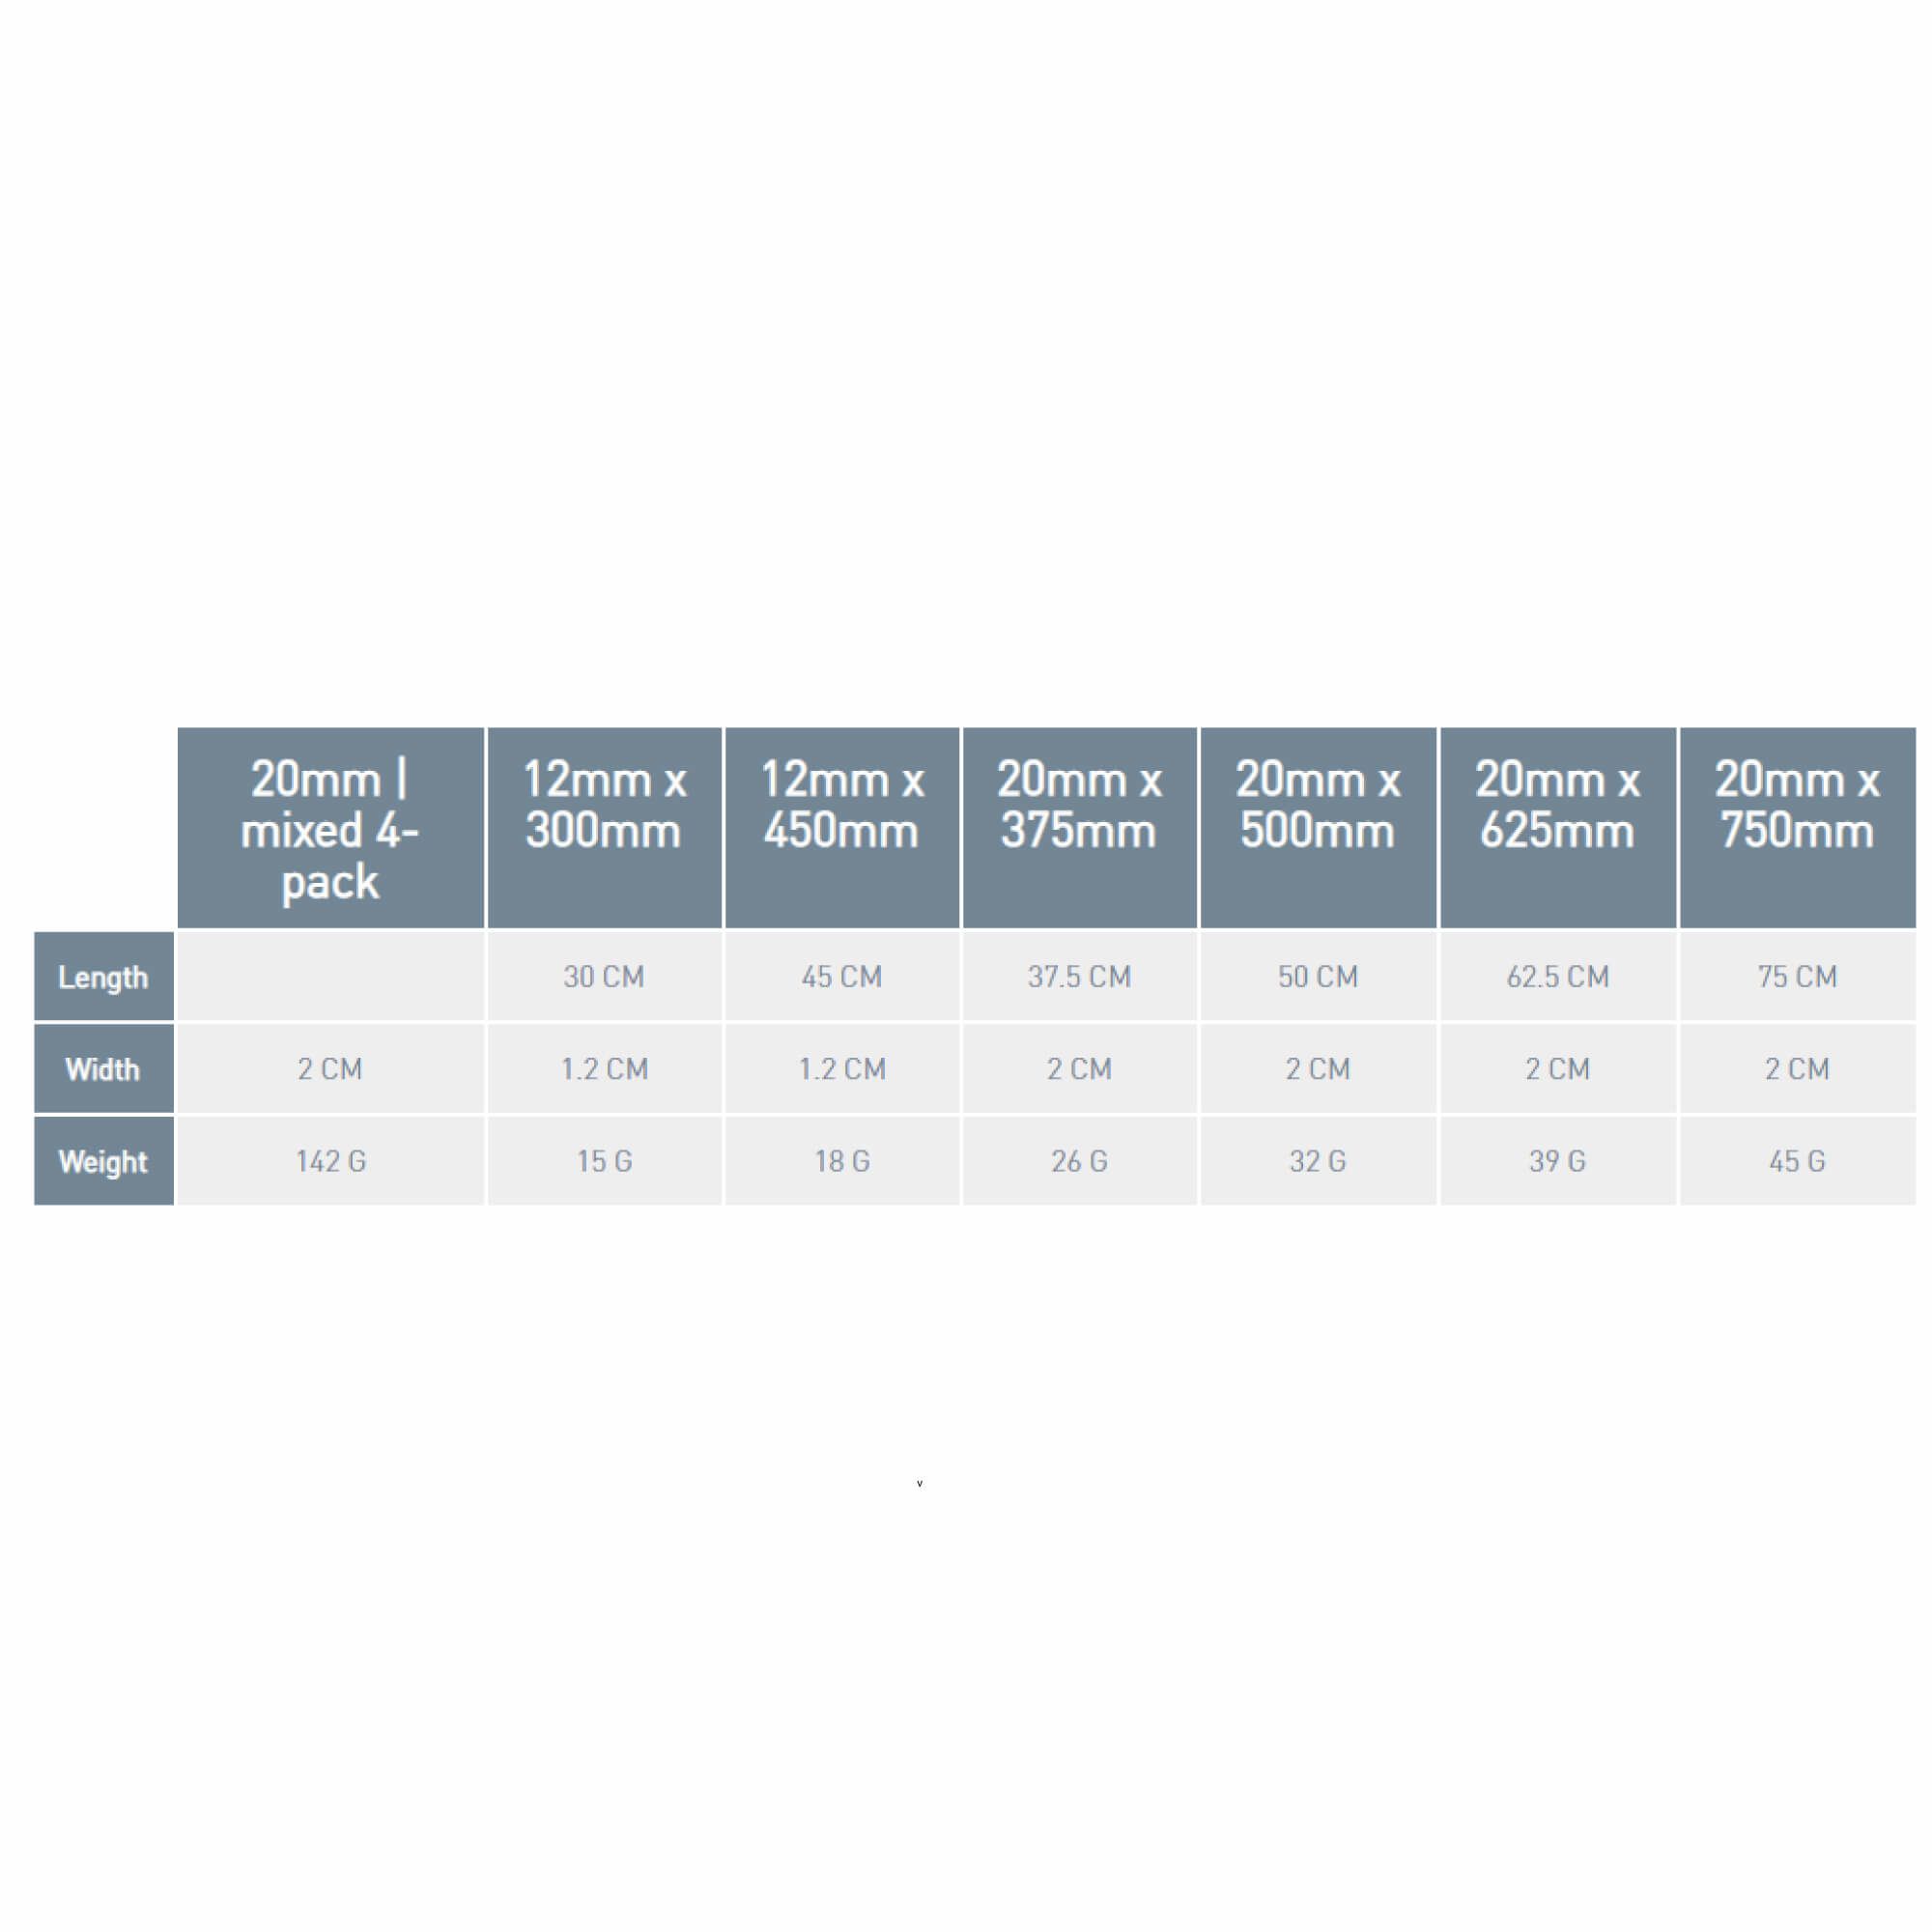 Stretch-Loc TPU Straps 2 Pack-6